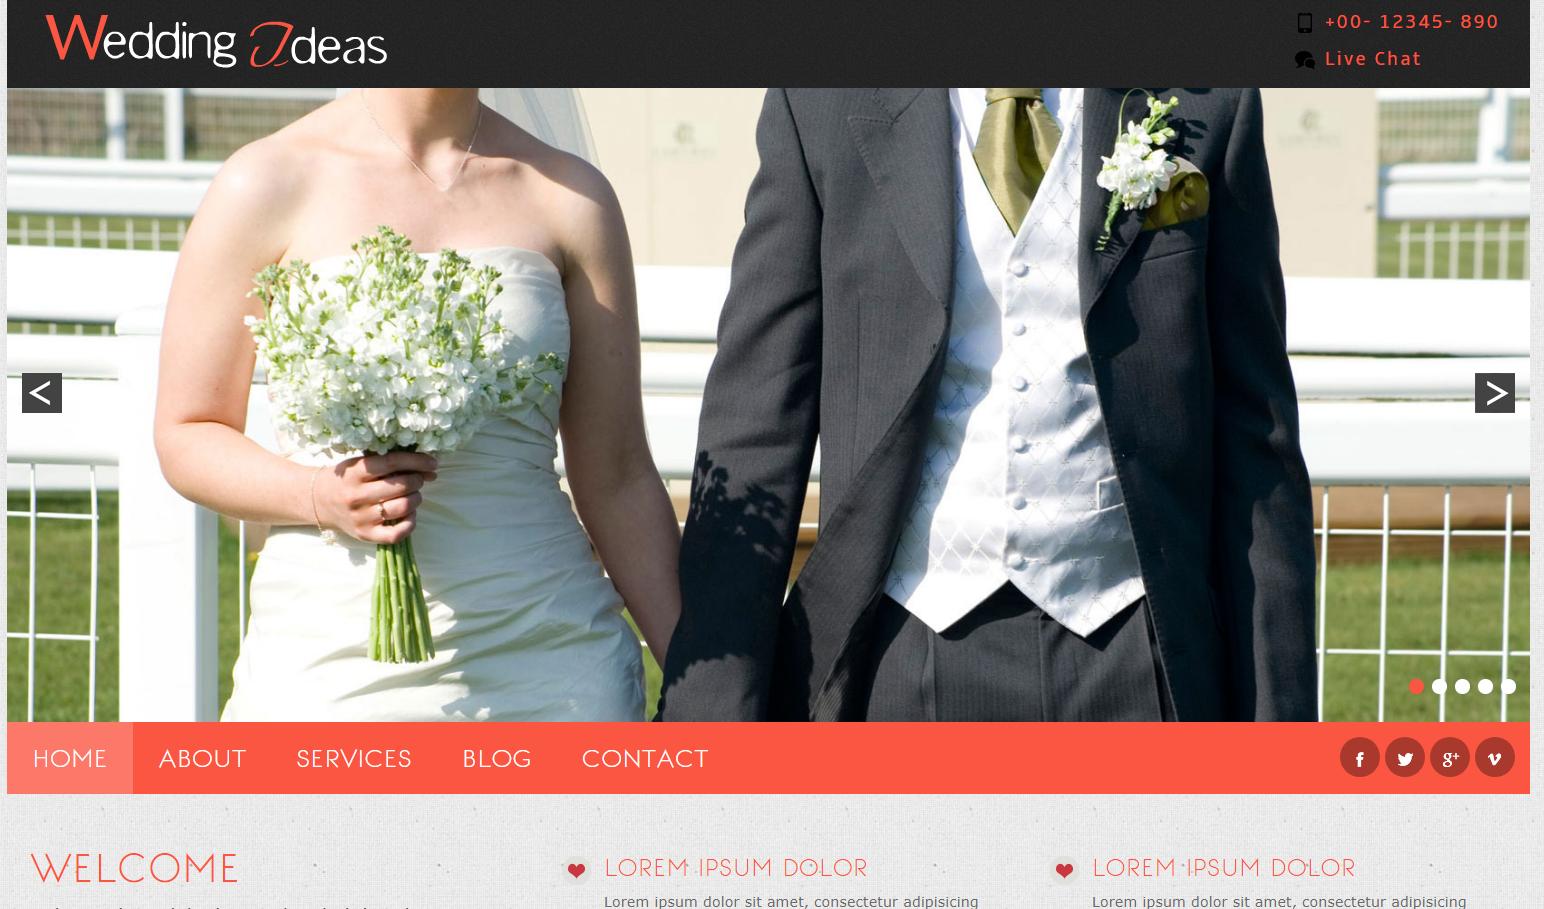 婚纱摄影工作室网站模板